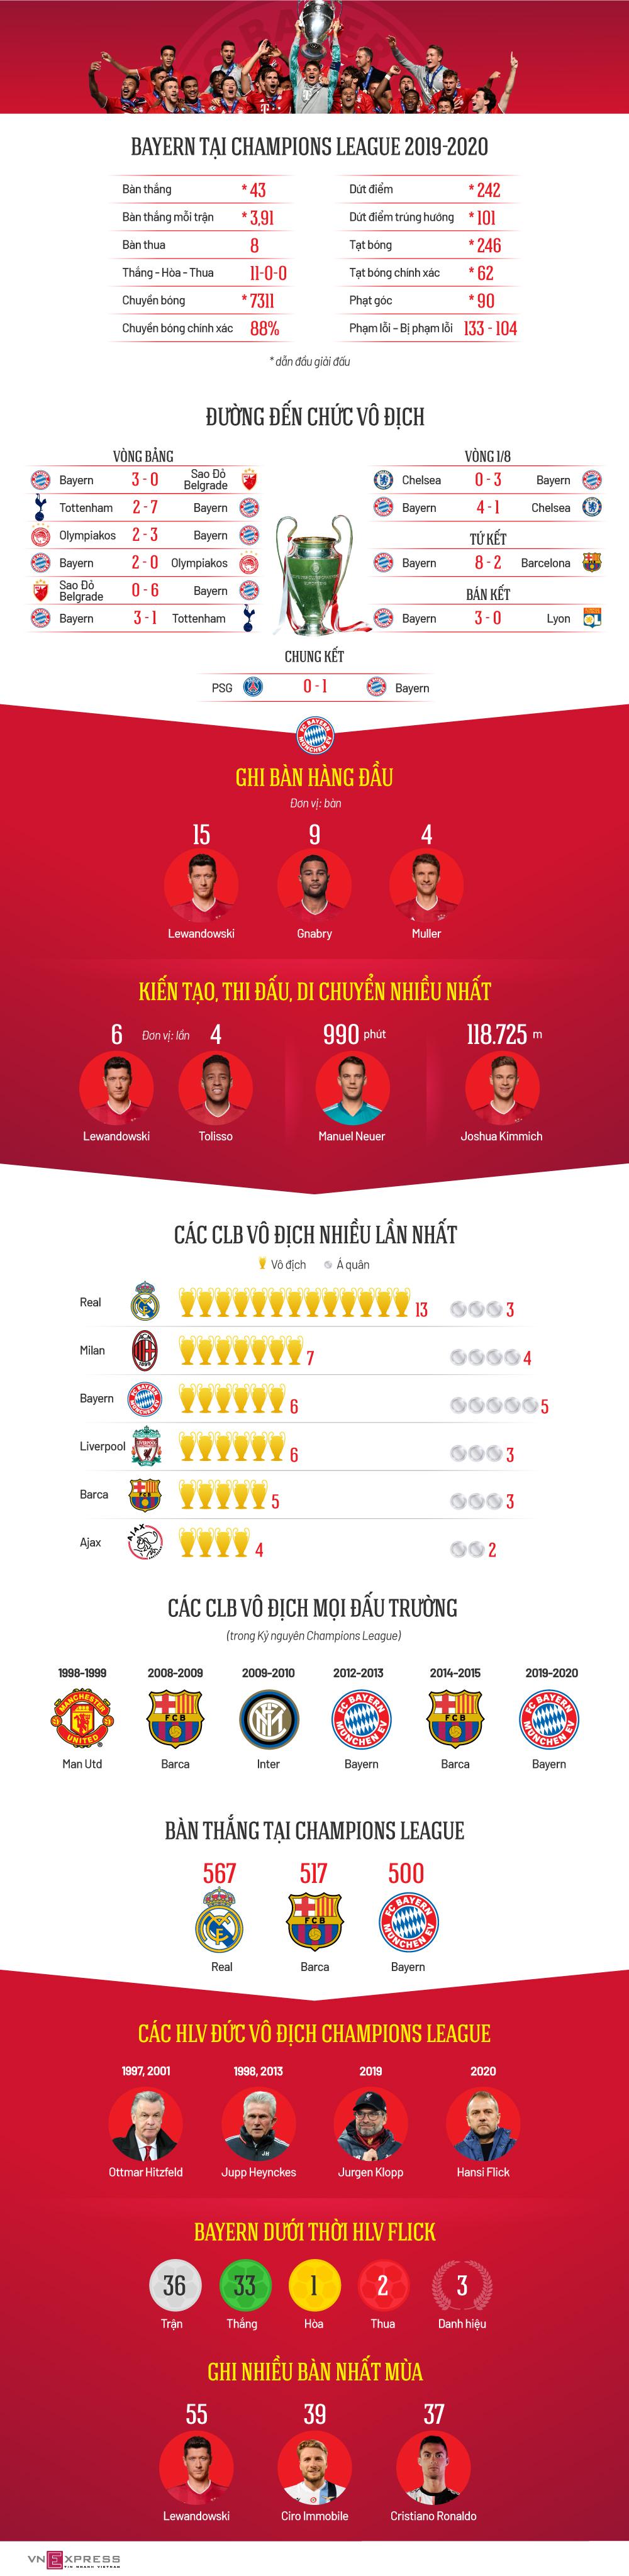 Dấu ấn thống trị của Bayern tại Champions League